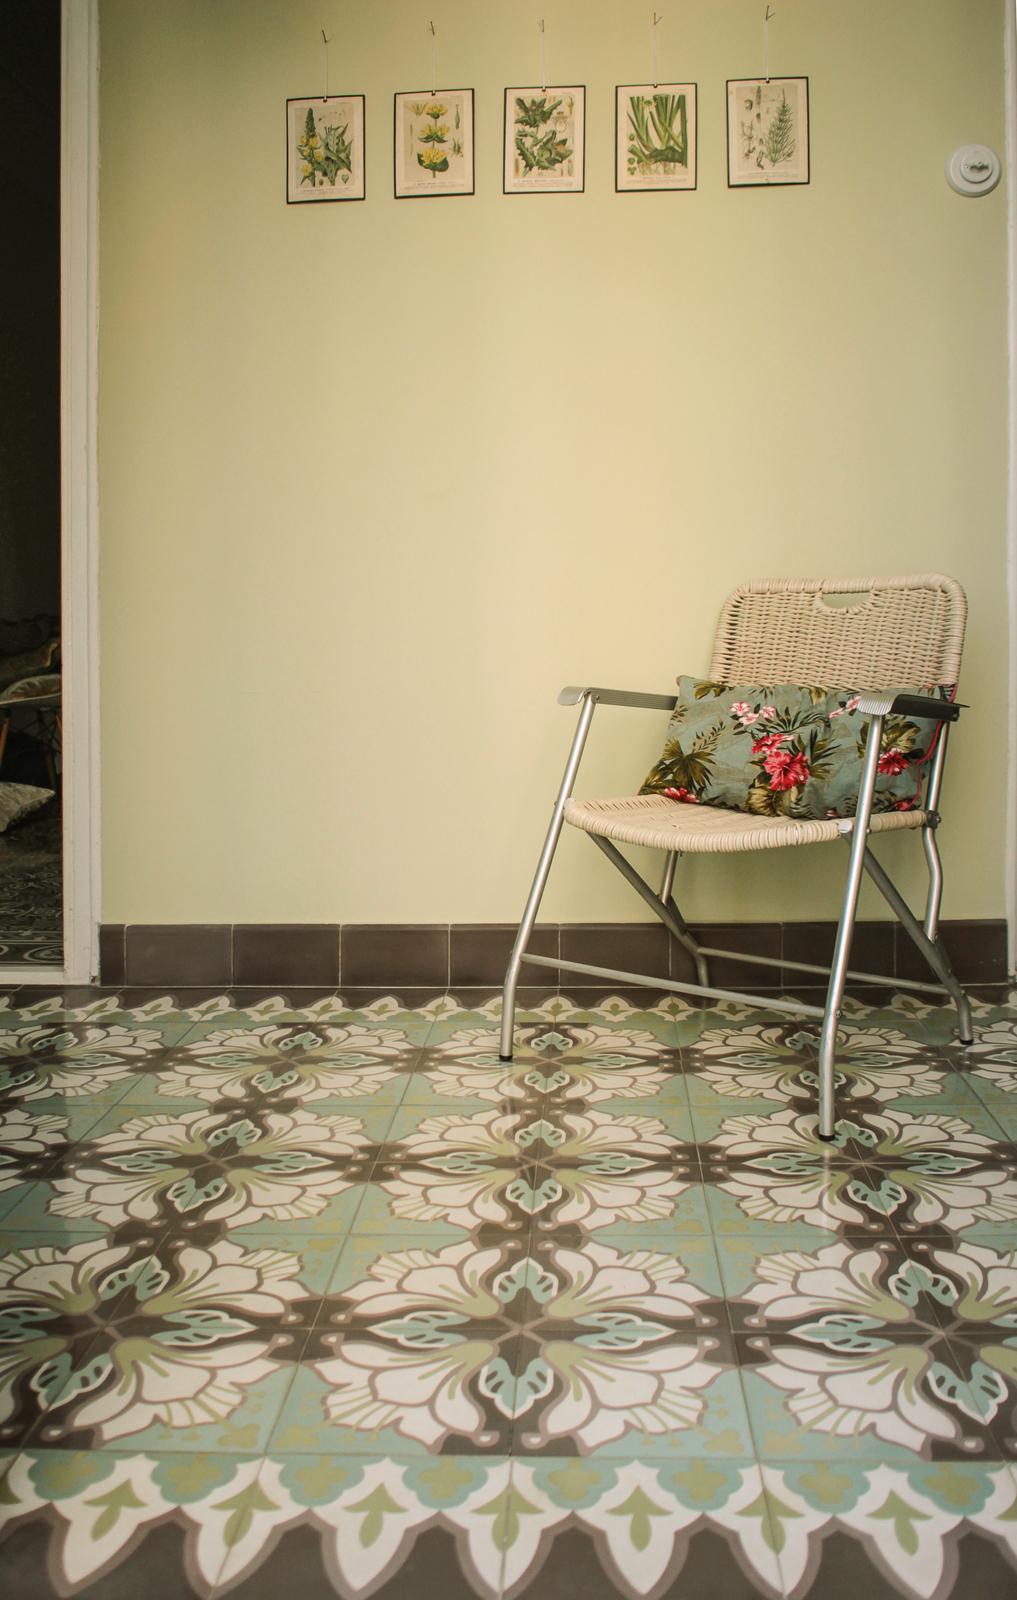 kreidefarbe-Mondlicht-109-wintergarten-zementfliesen-terrazzofliesen-viaplatten | Kreidefarbe Mondlicht 60 ml